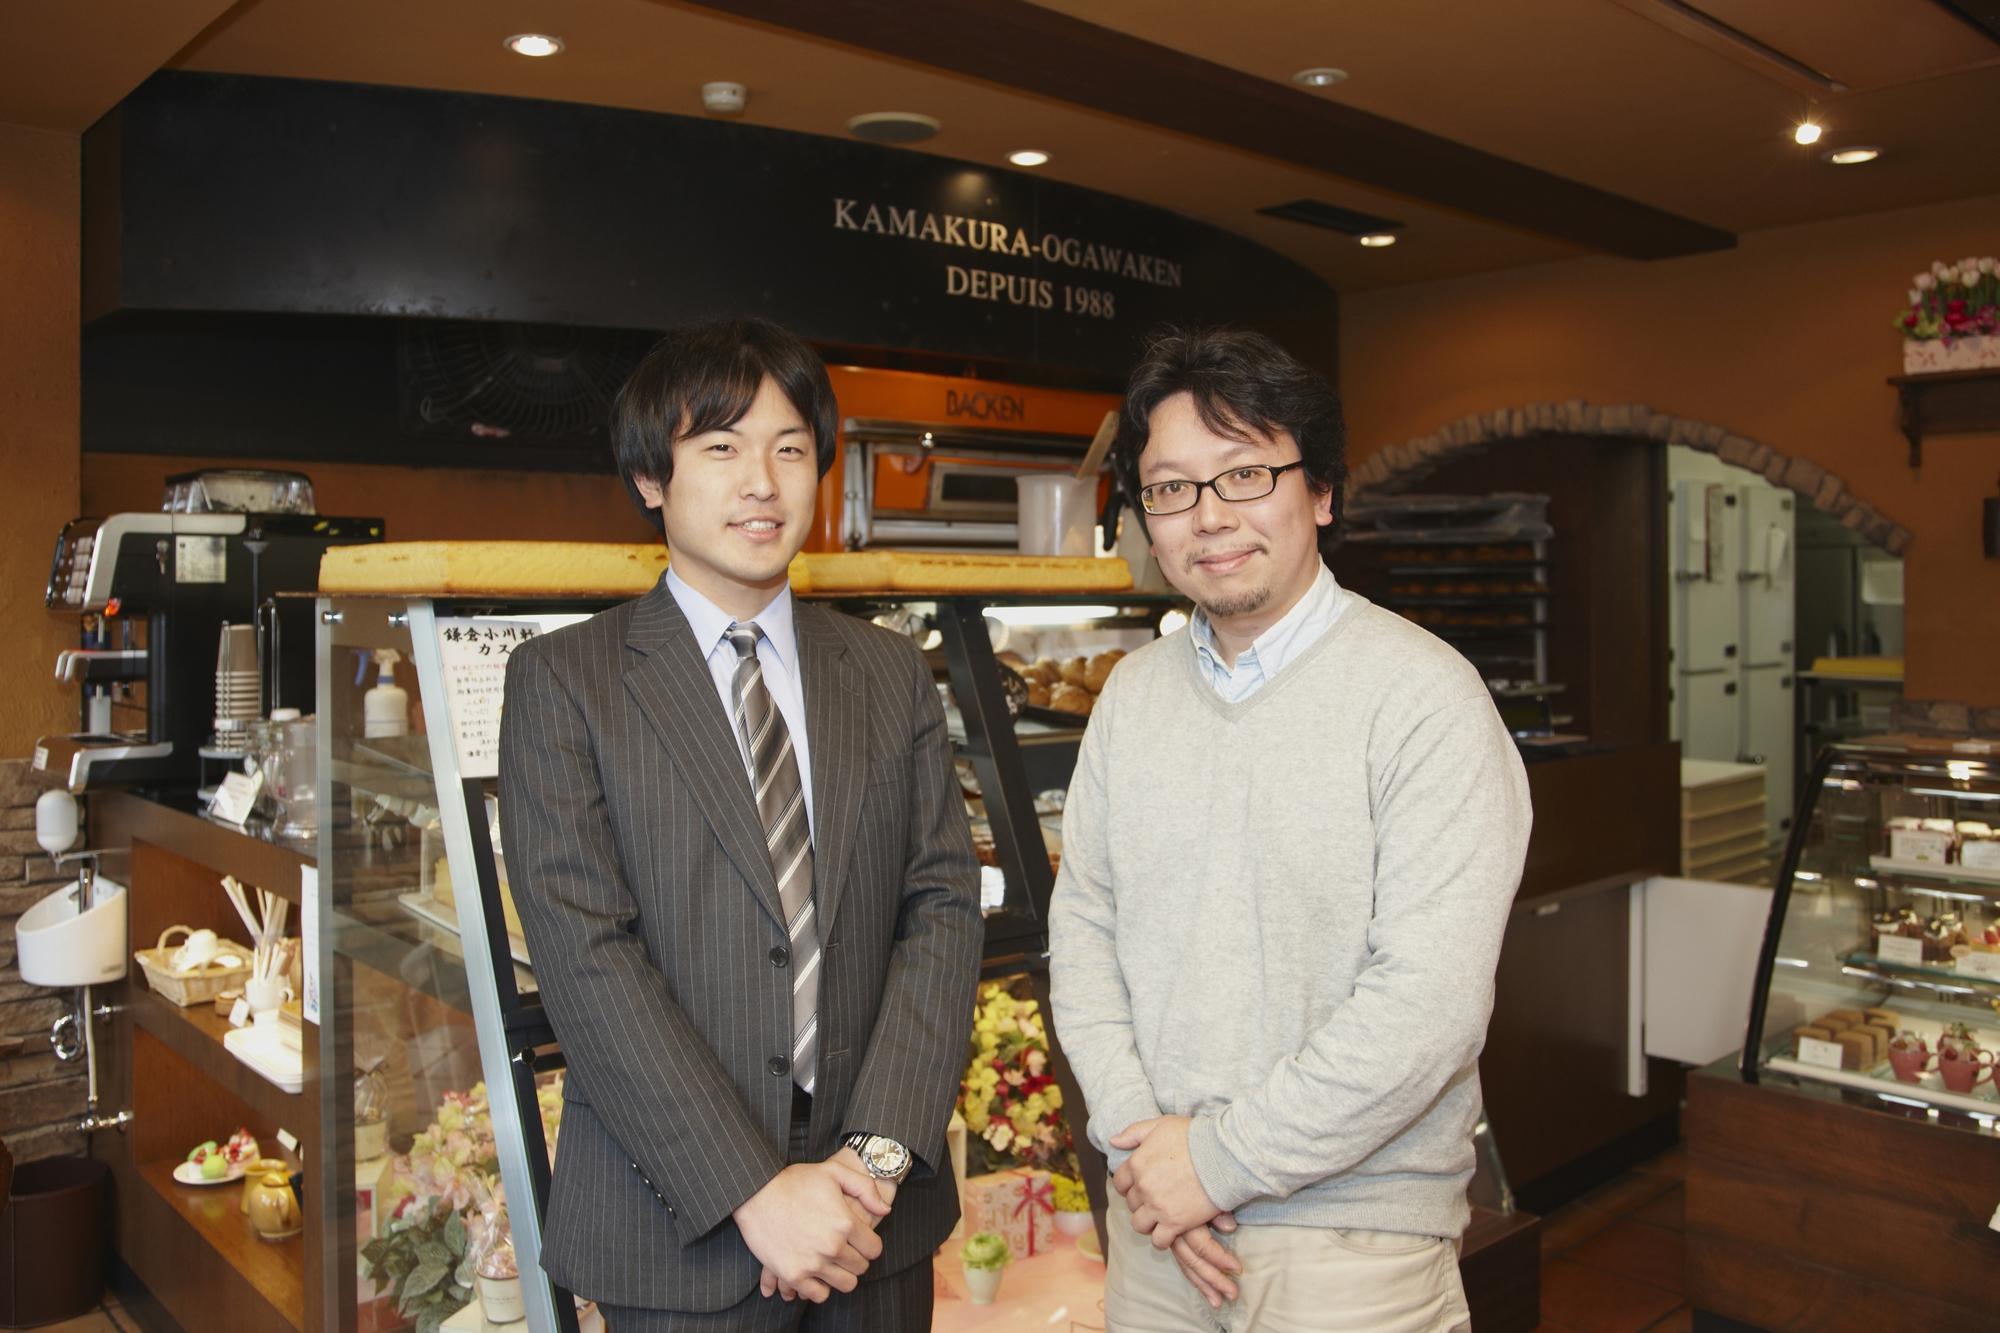 実店舗に加えて、オンラインストアで販路を拡大したい - 鎌倉小川軒様